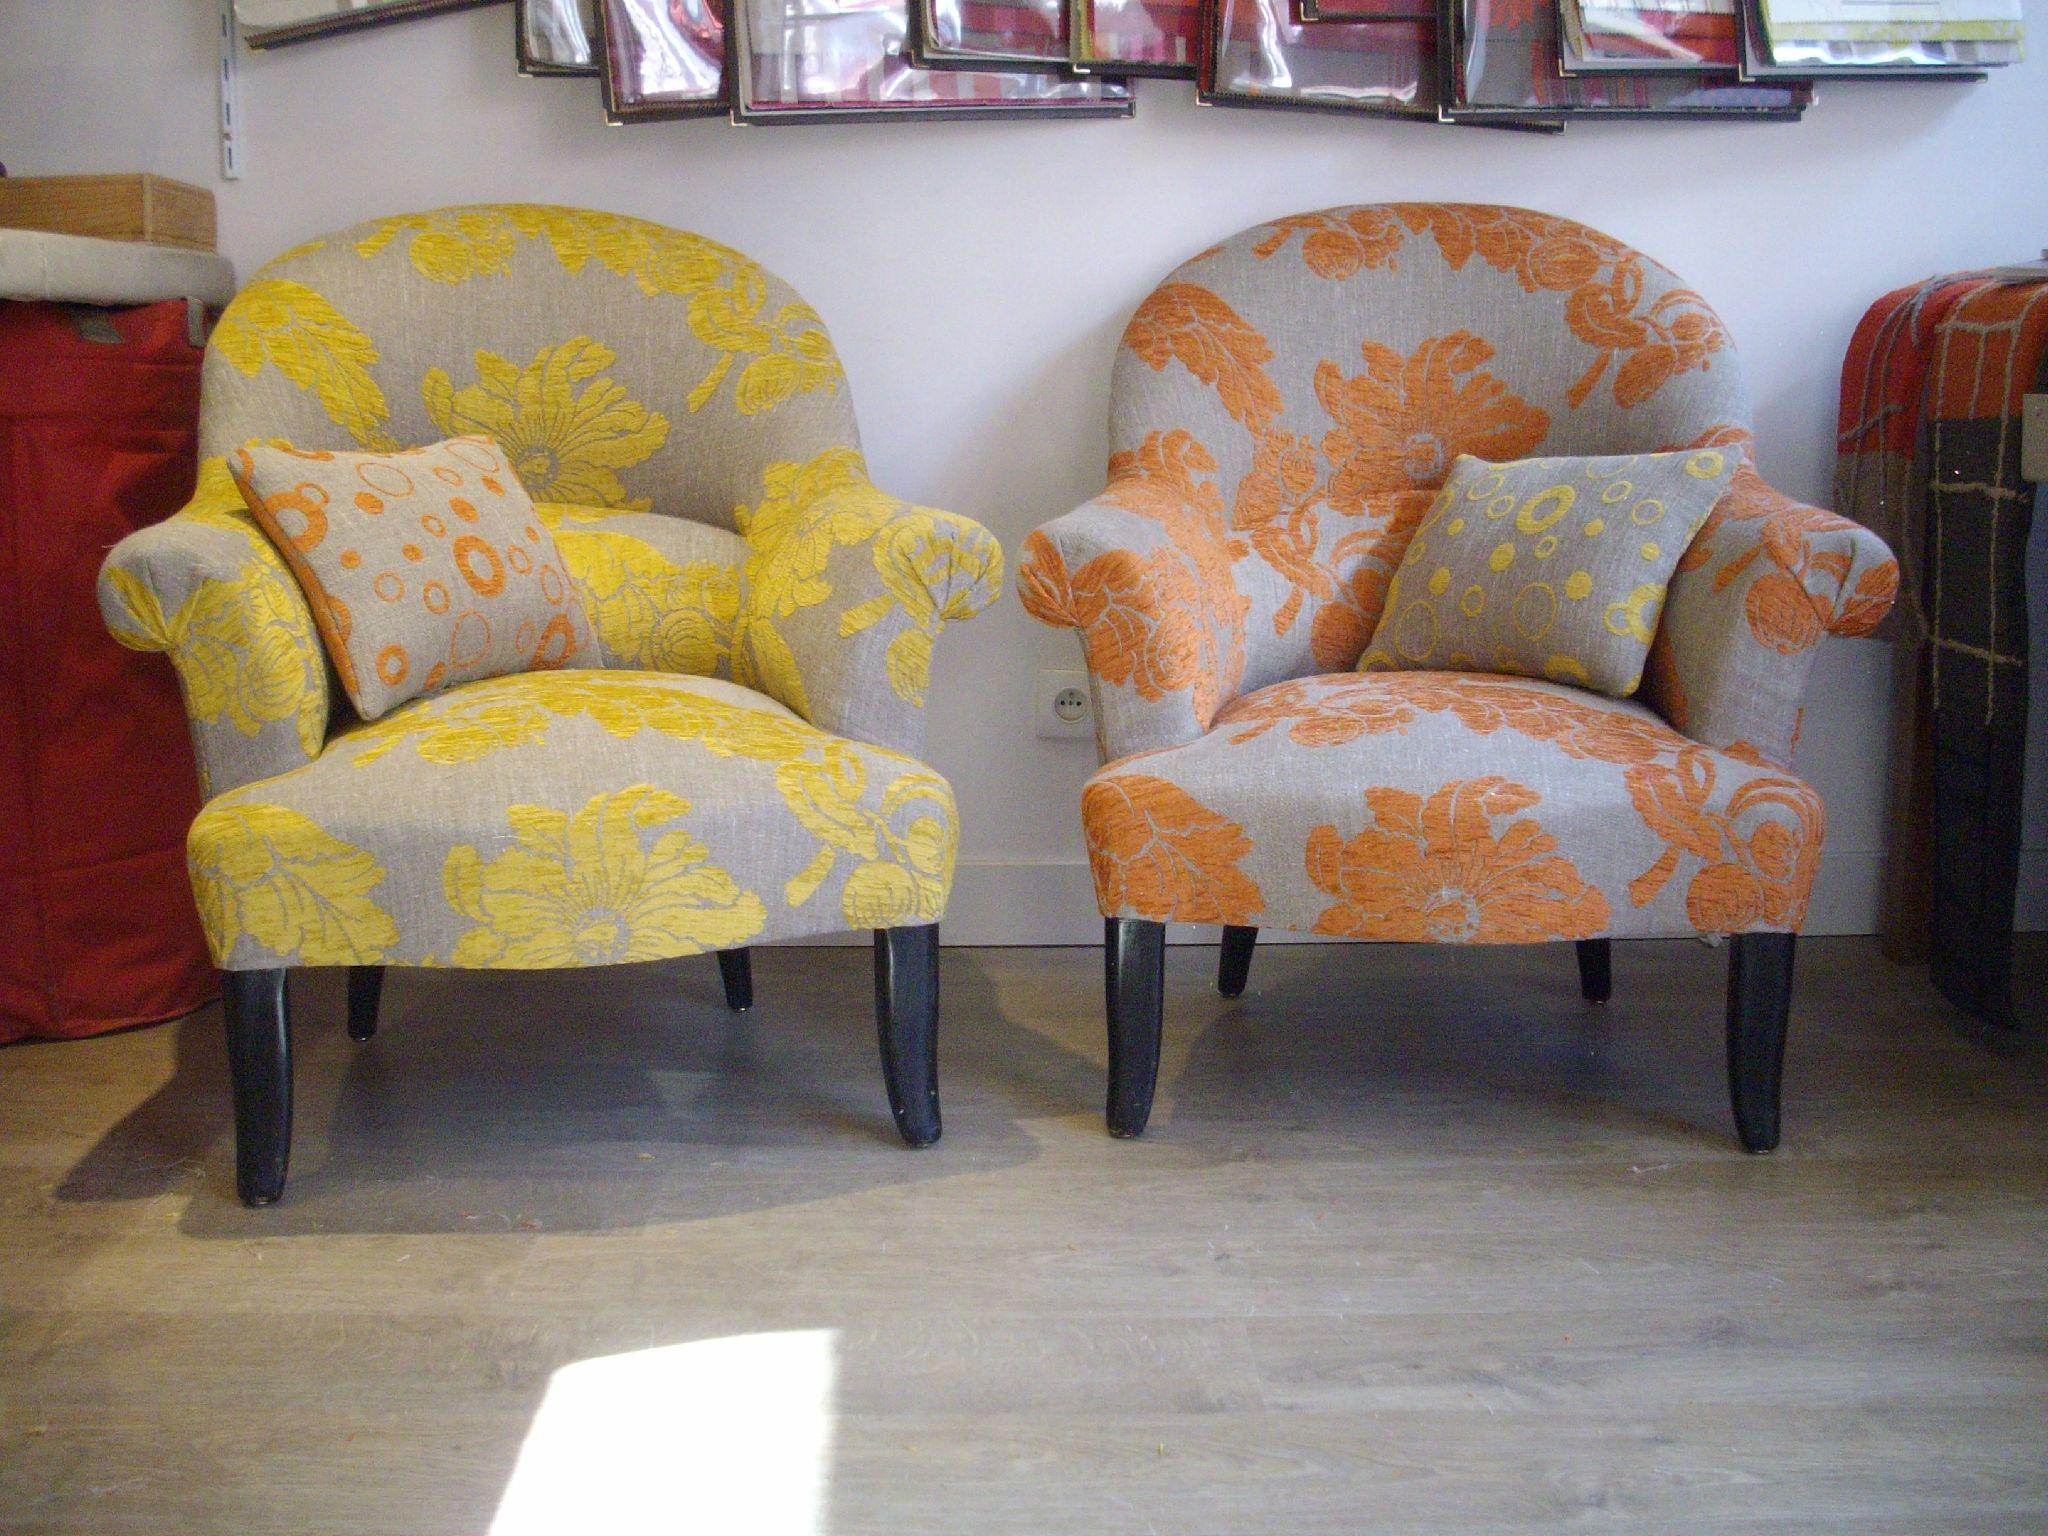 Fauteuil Zebre Pas Cher avec le tissu des fauteuils crapauds | beaux fauteuils | pinterest